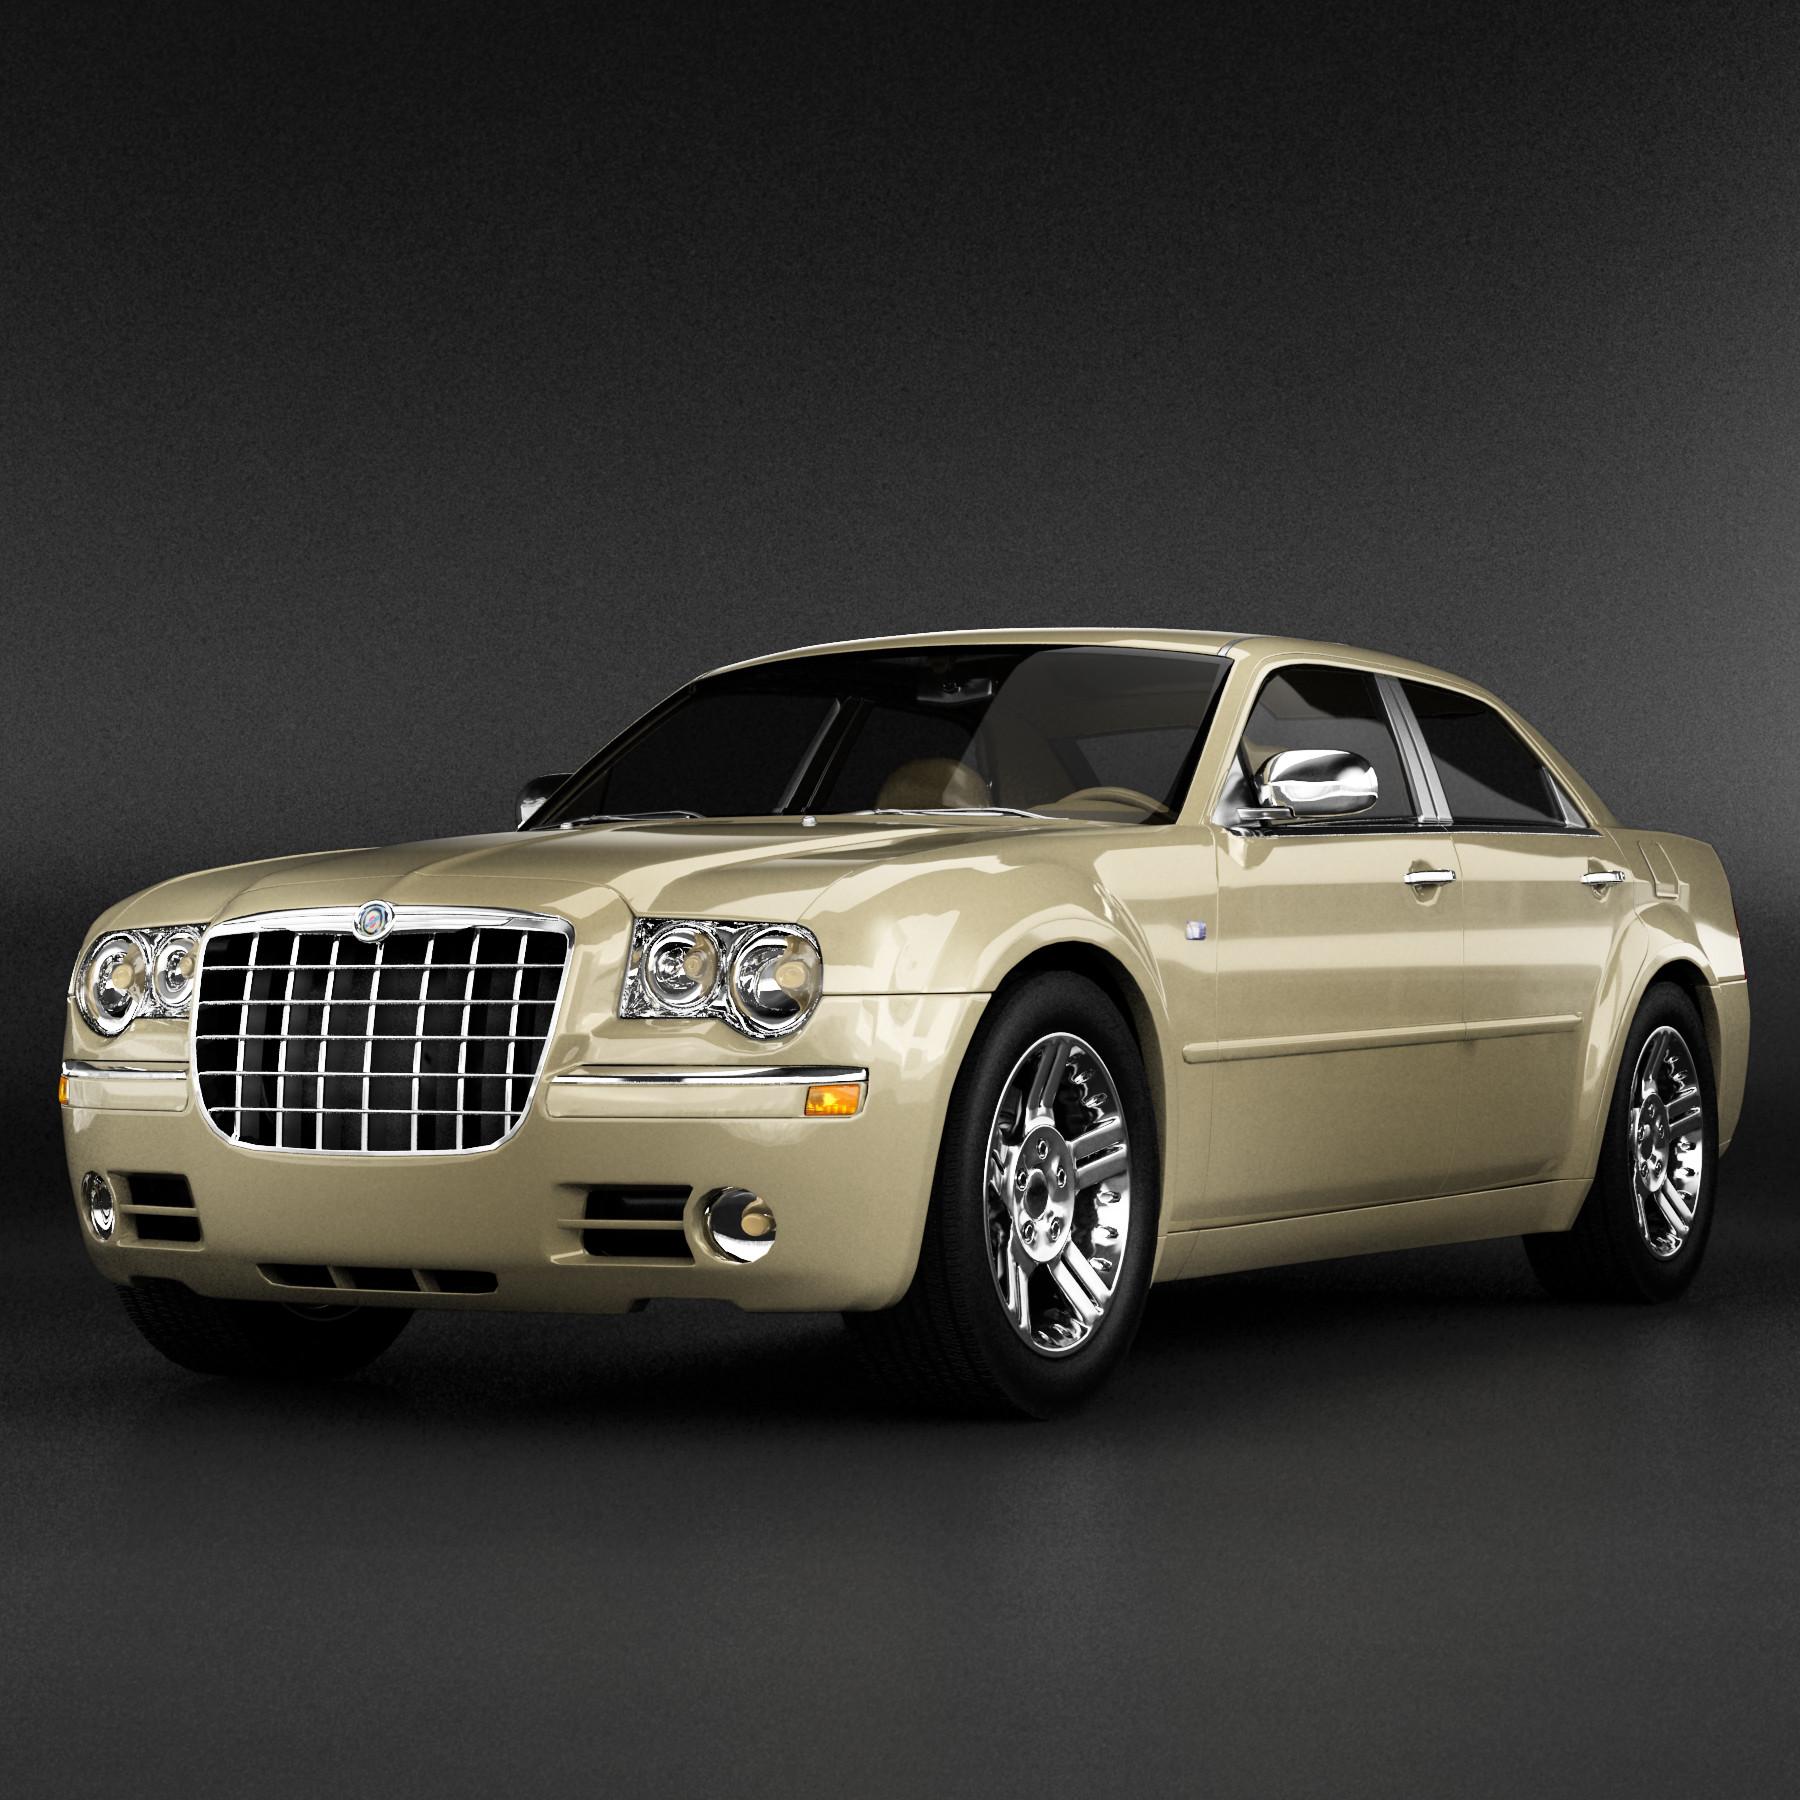 01 Chrysler 300_View010000.jpg